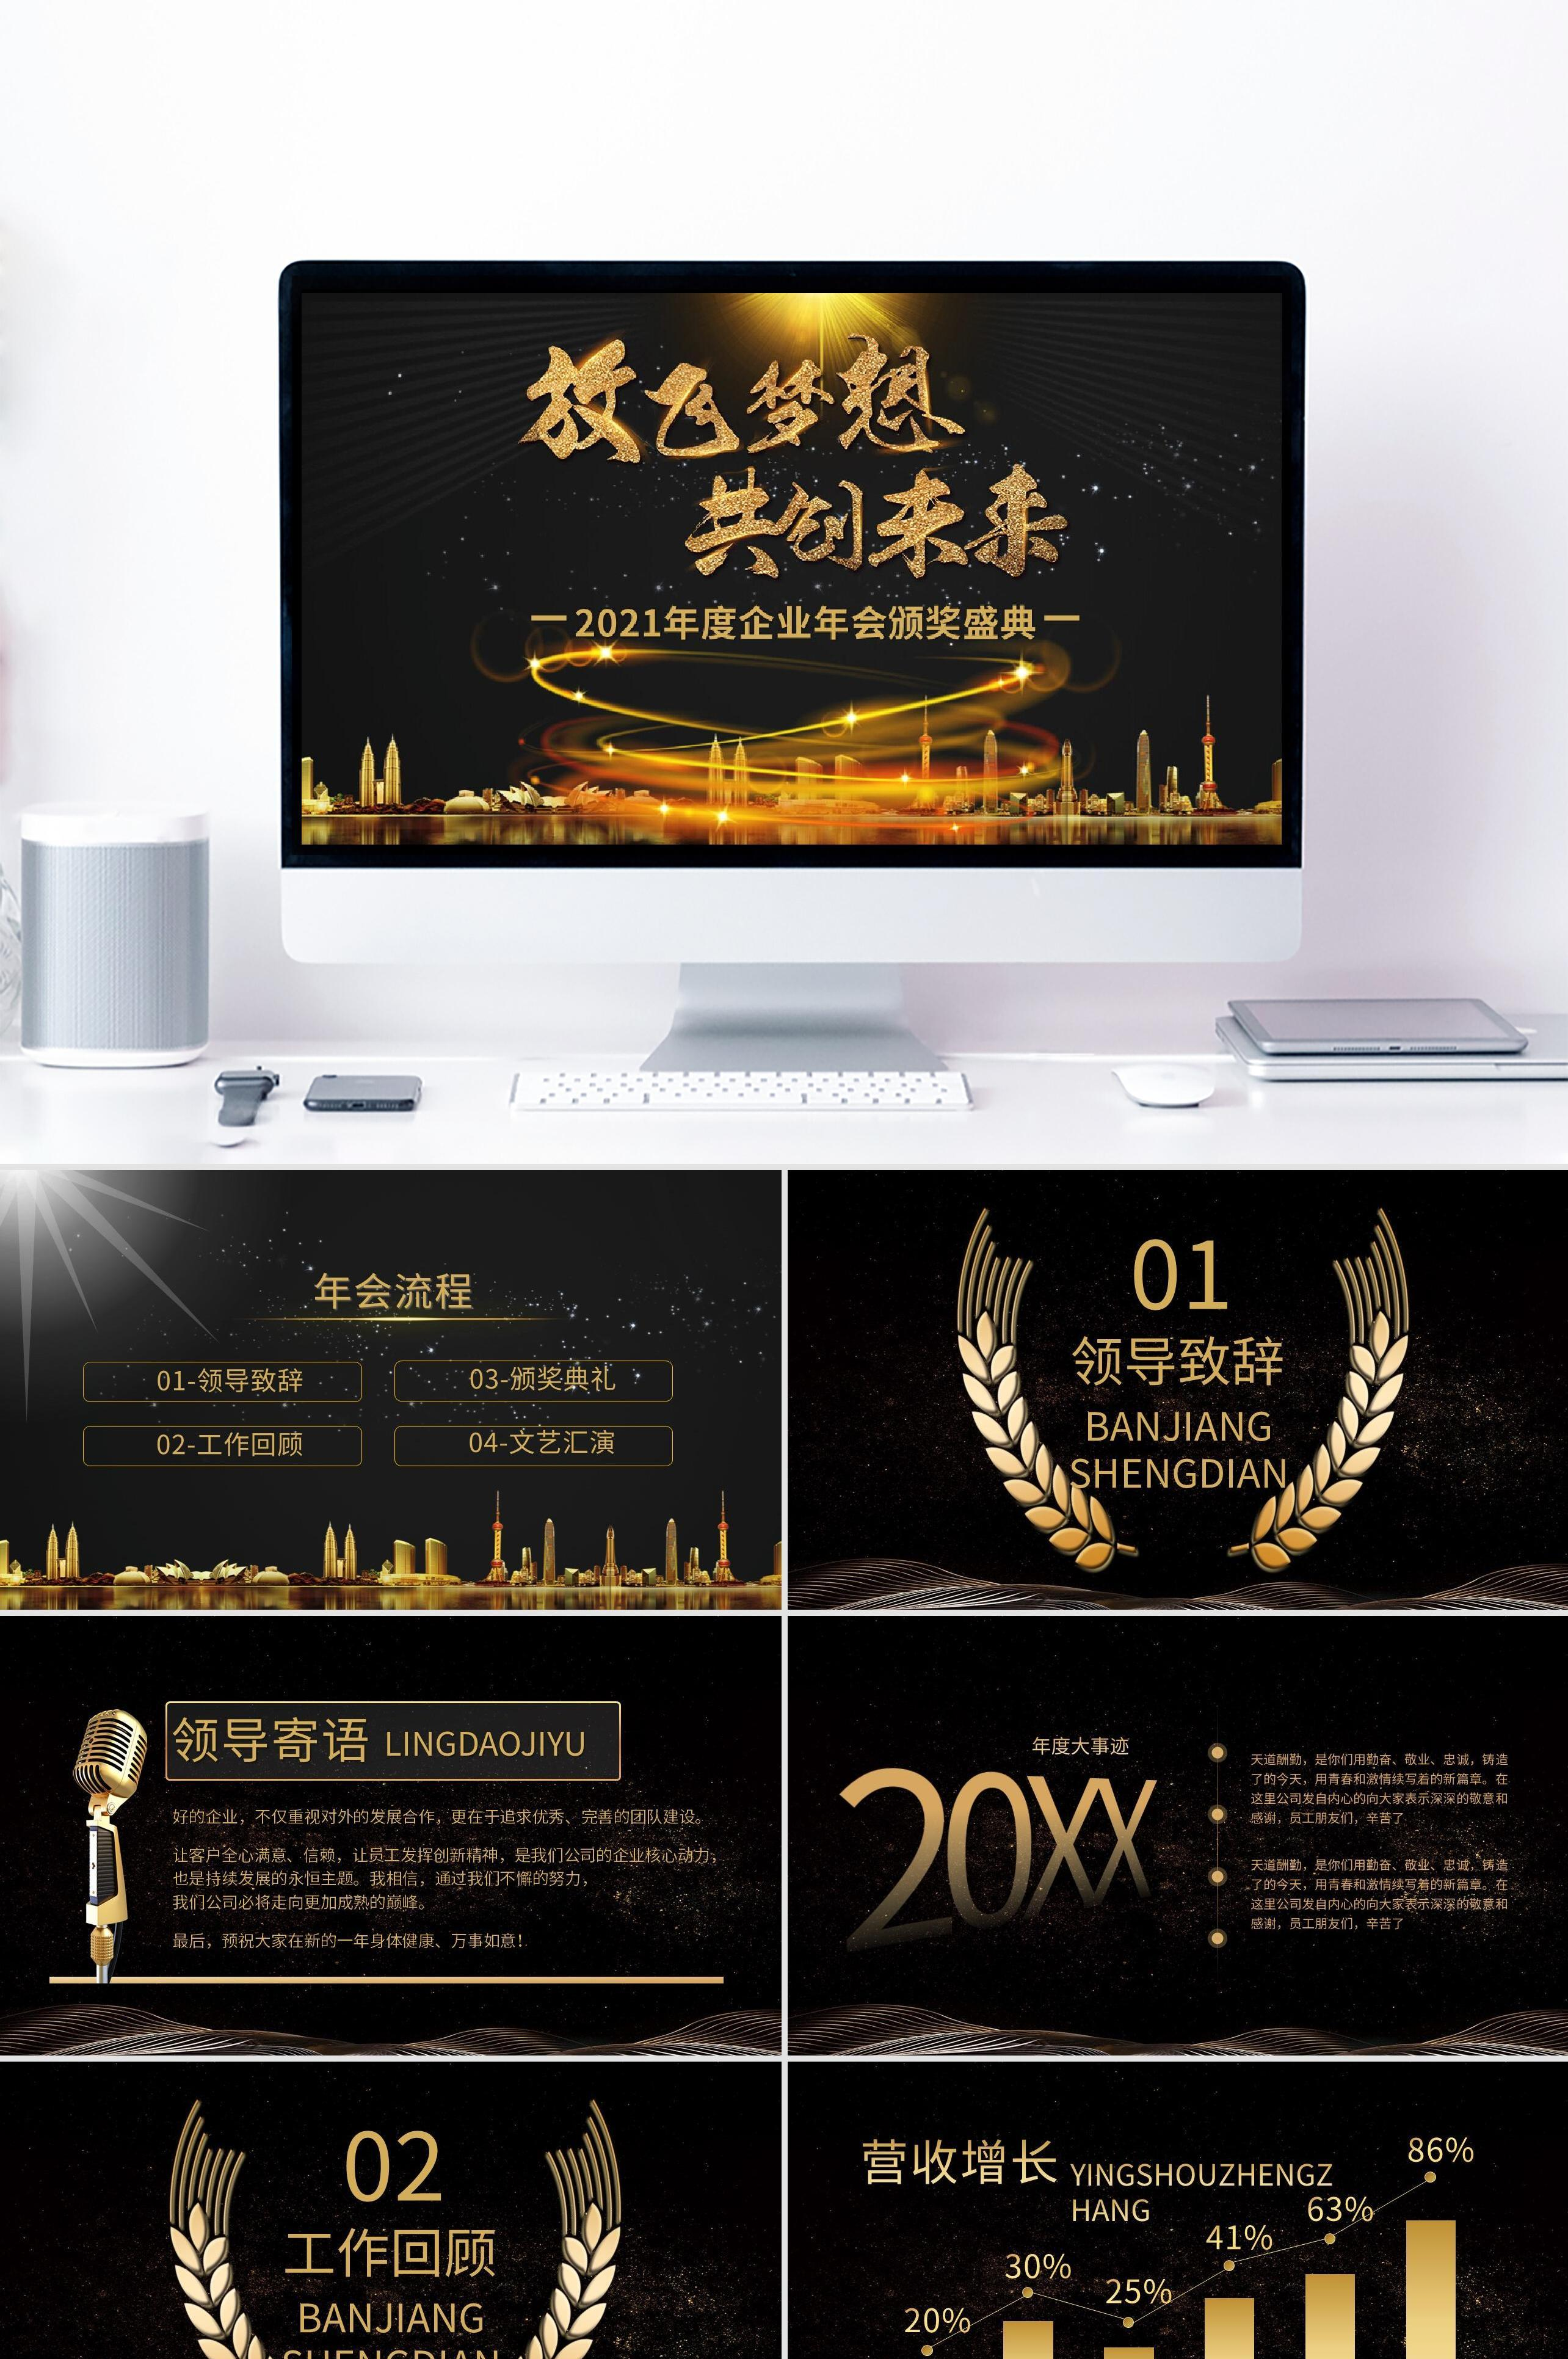 2021梦想腾飞企业年会颁奖盛典PPT模板